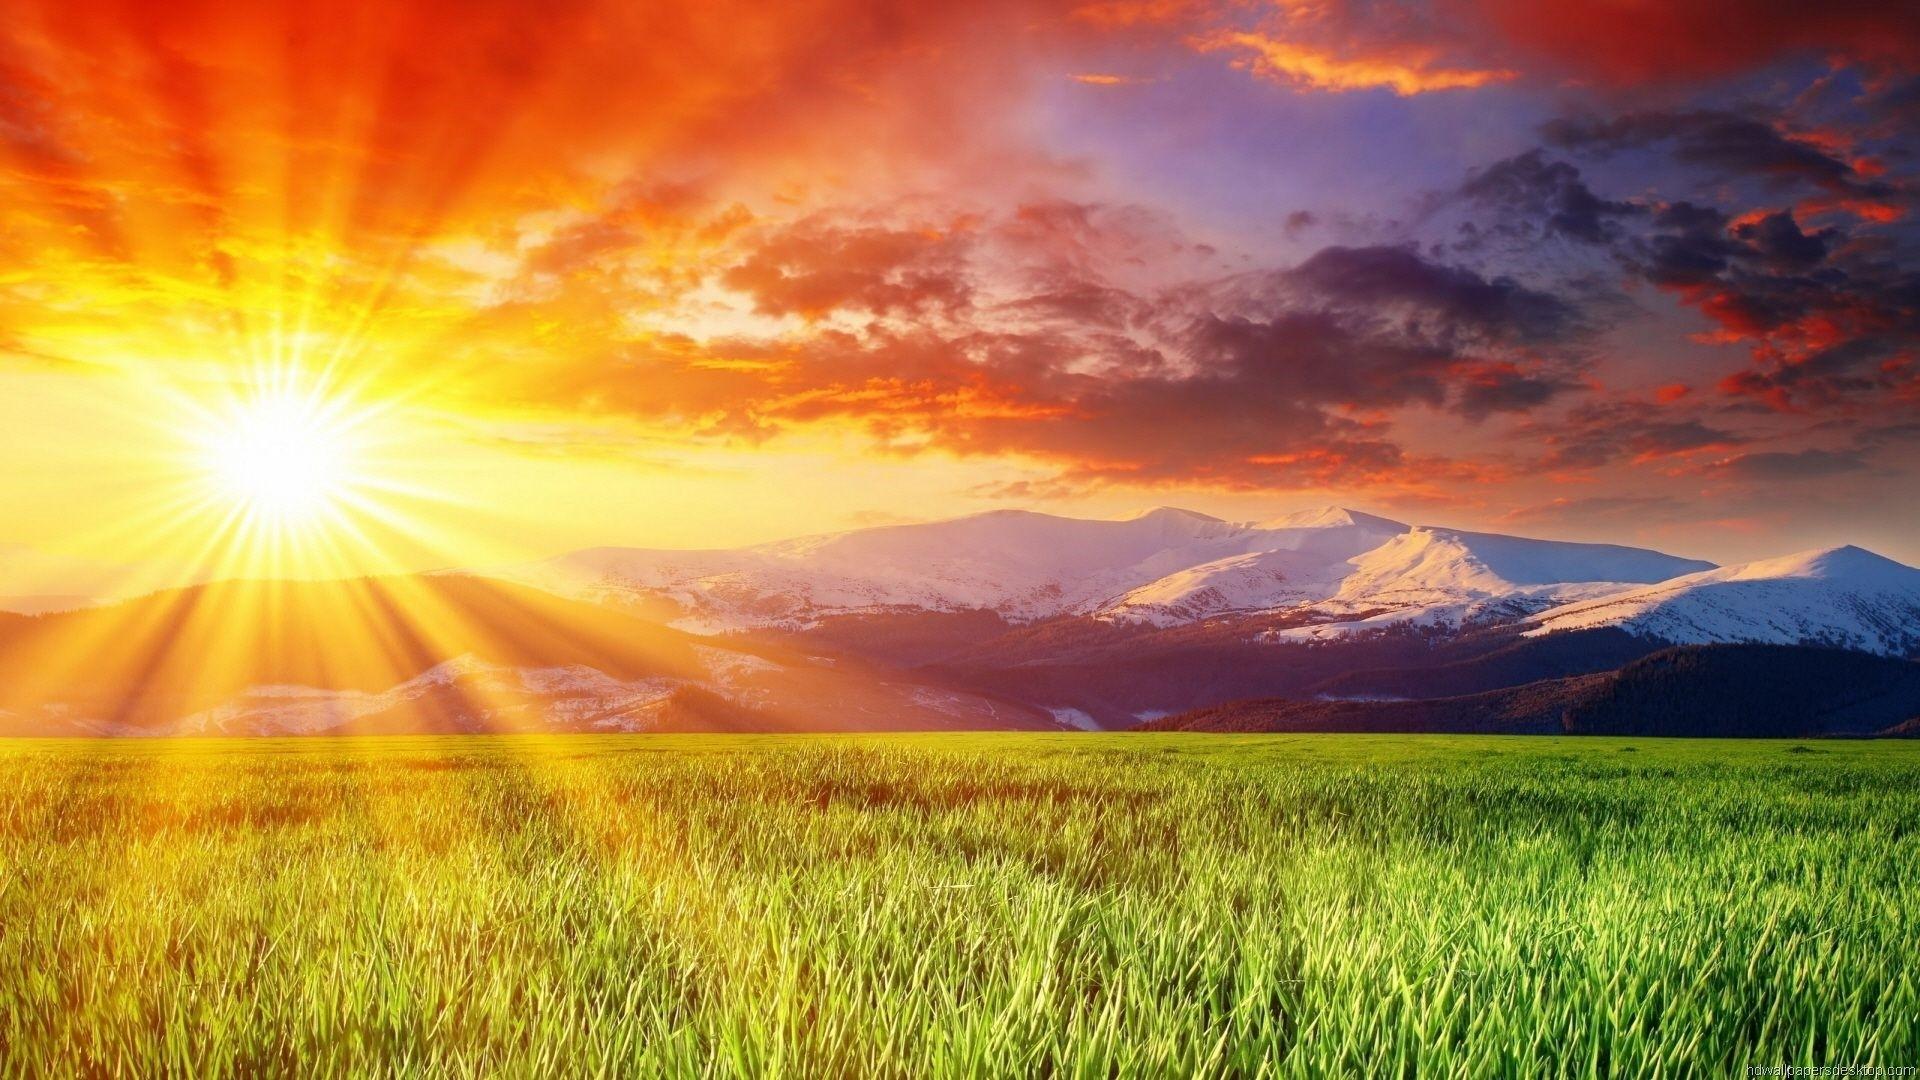 Sun Desktop Wallpaper